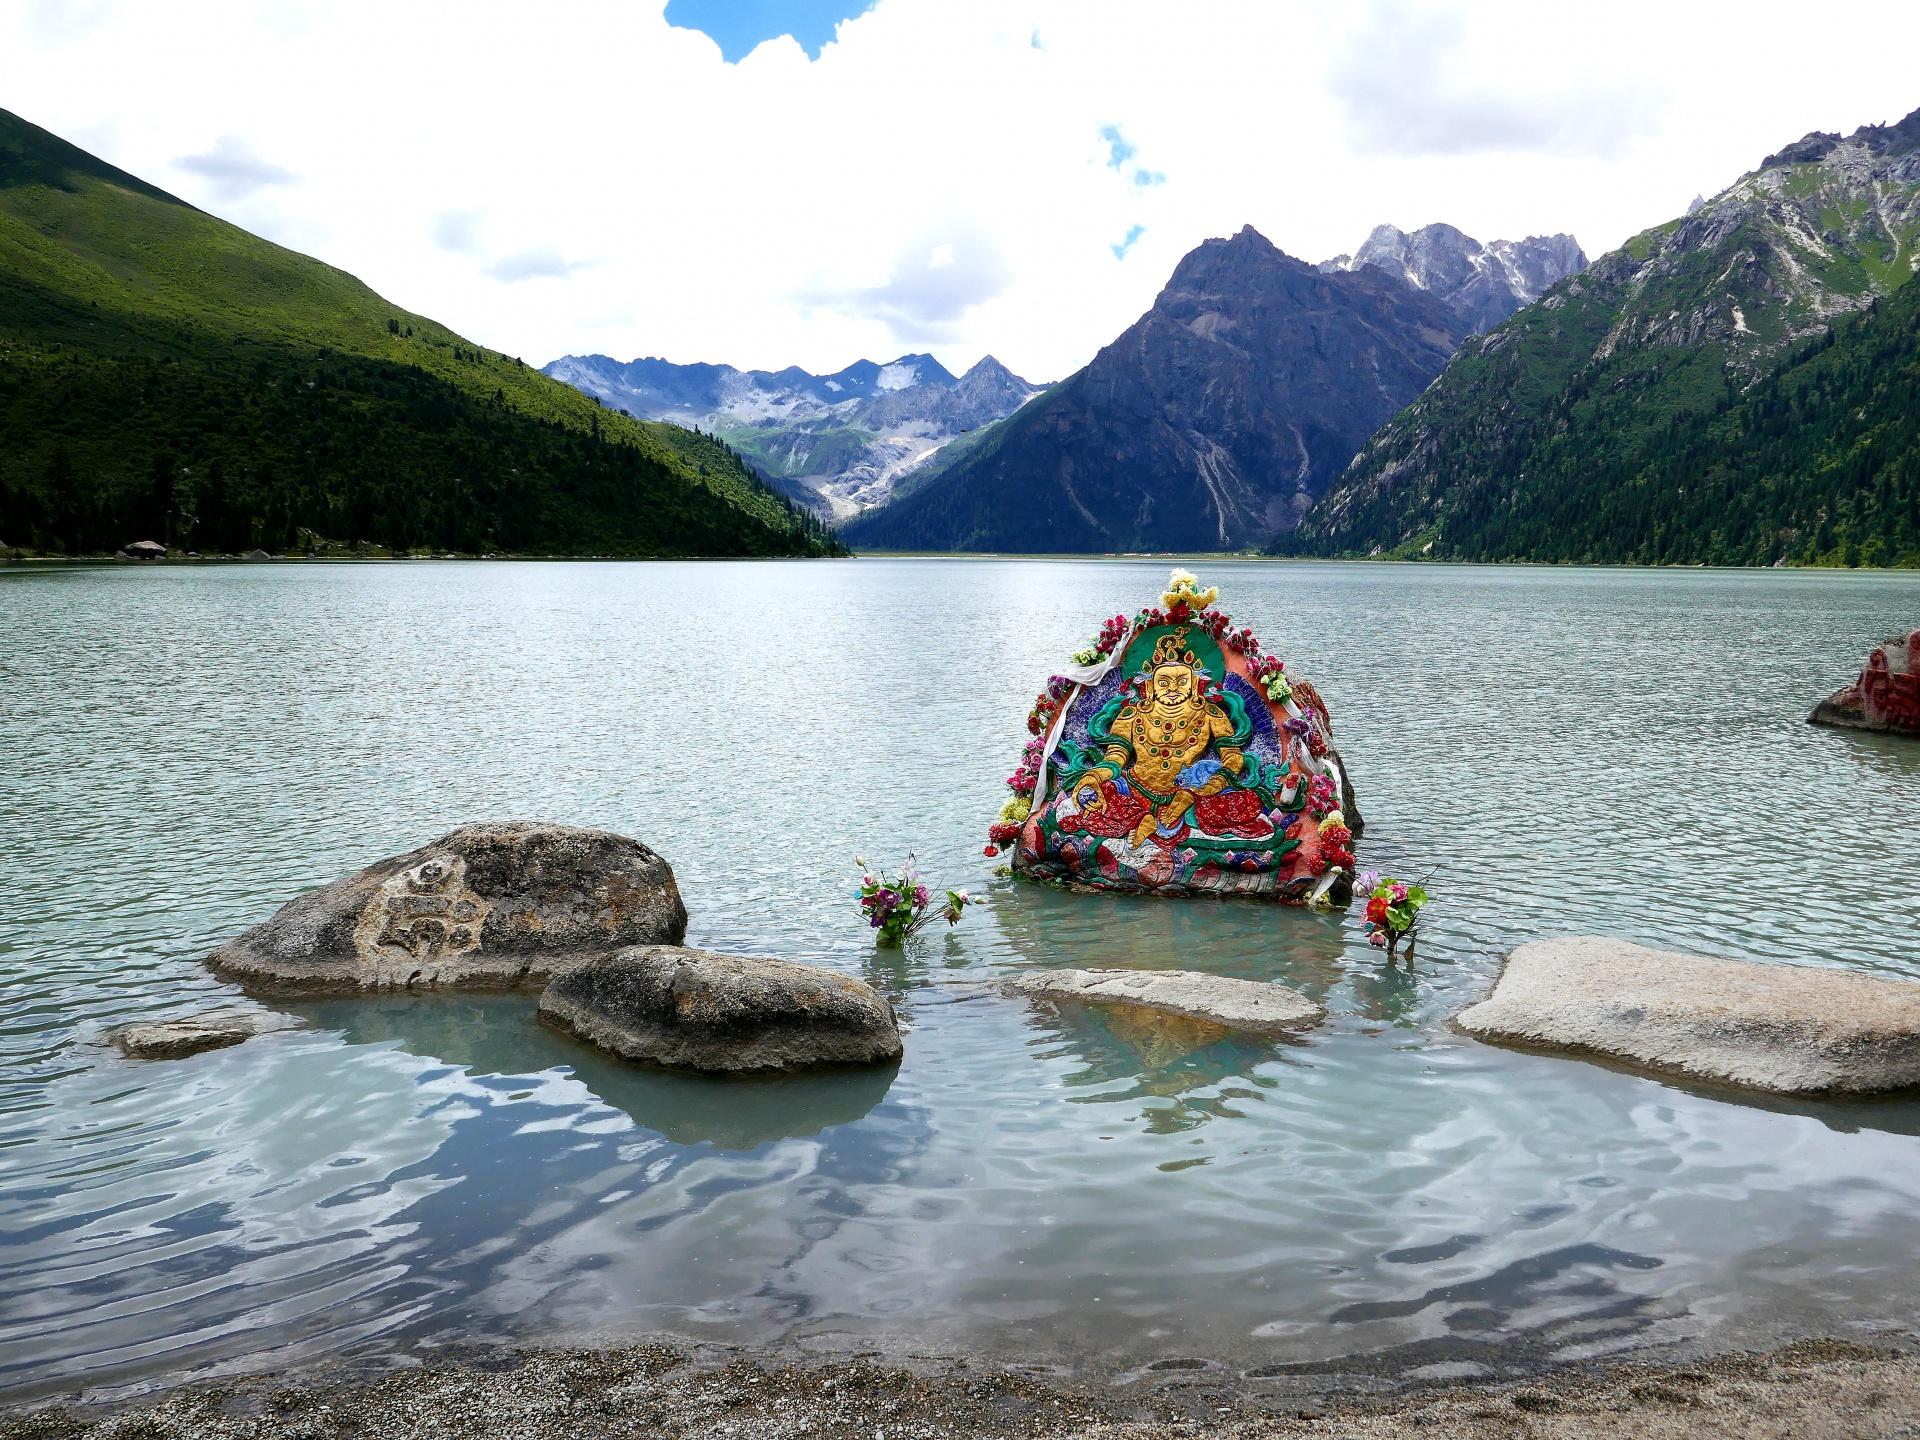 Lac Yilhun Lhatso - Kham